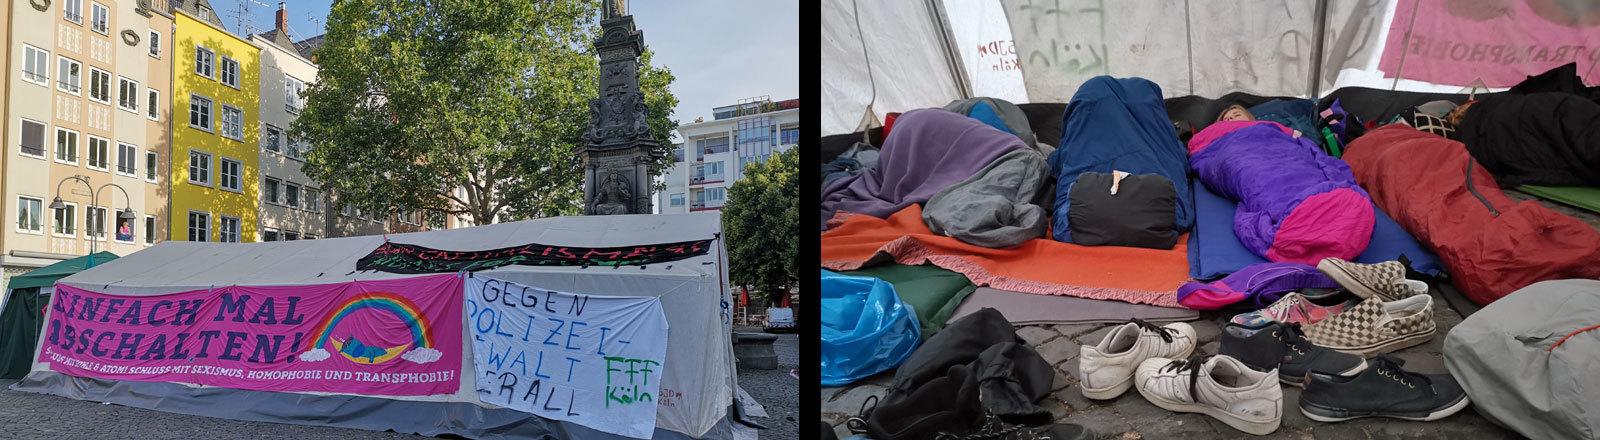 Protestcamp in Köln zur Fridays-for-Future-Protestwoche vor den Ferien.